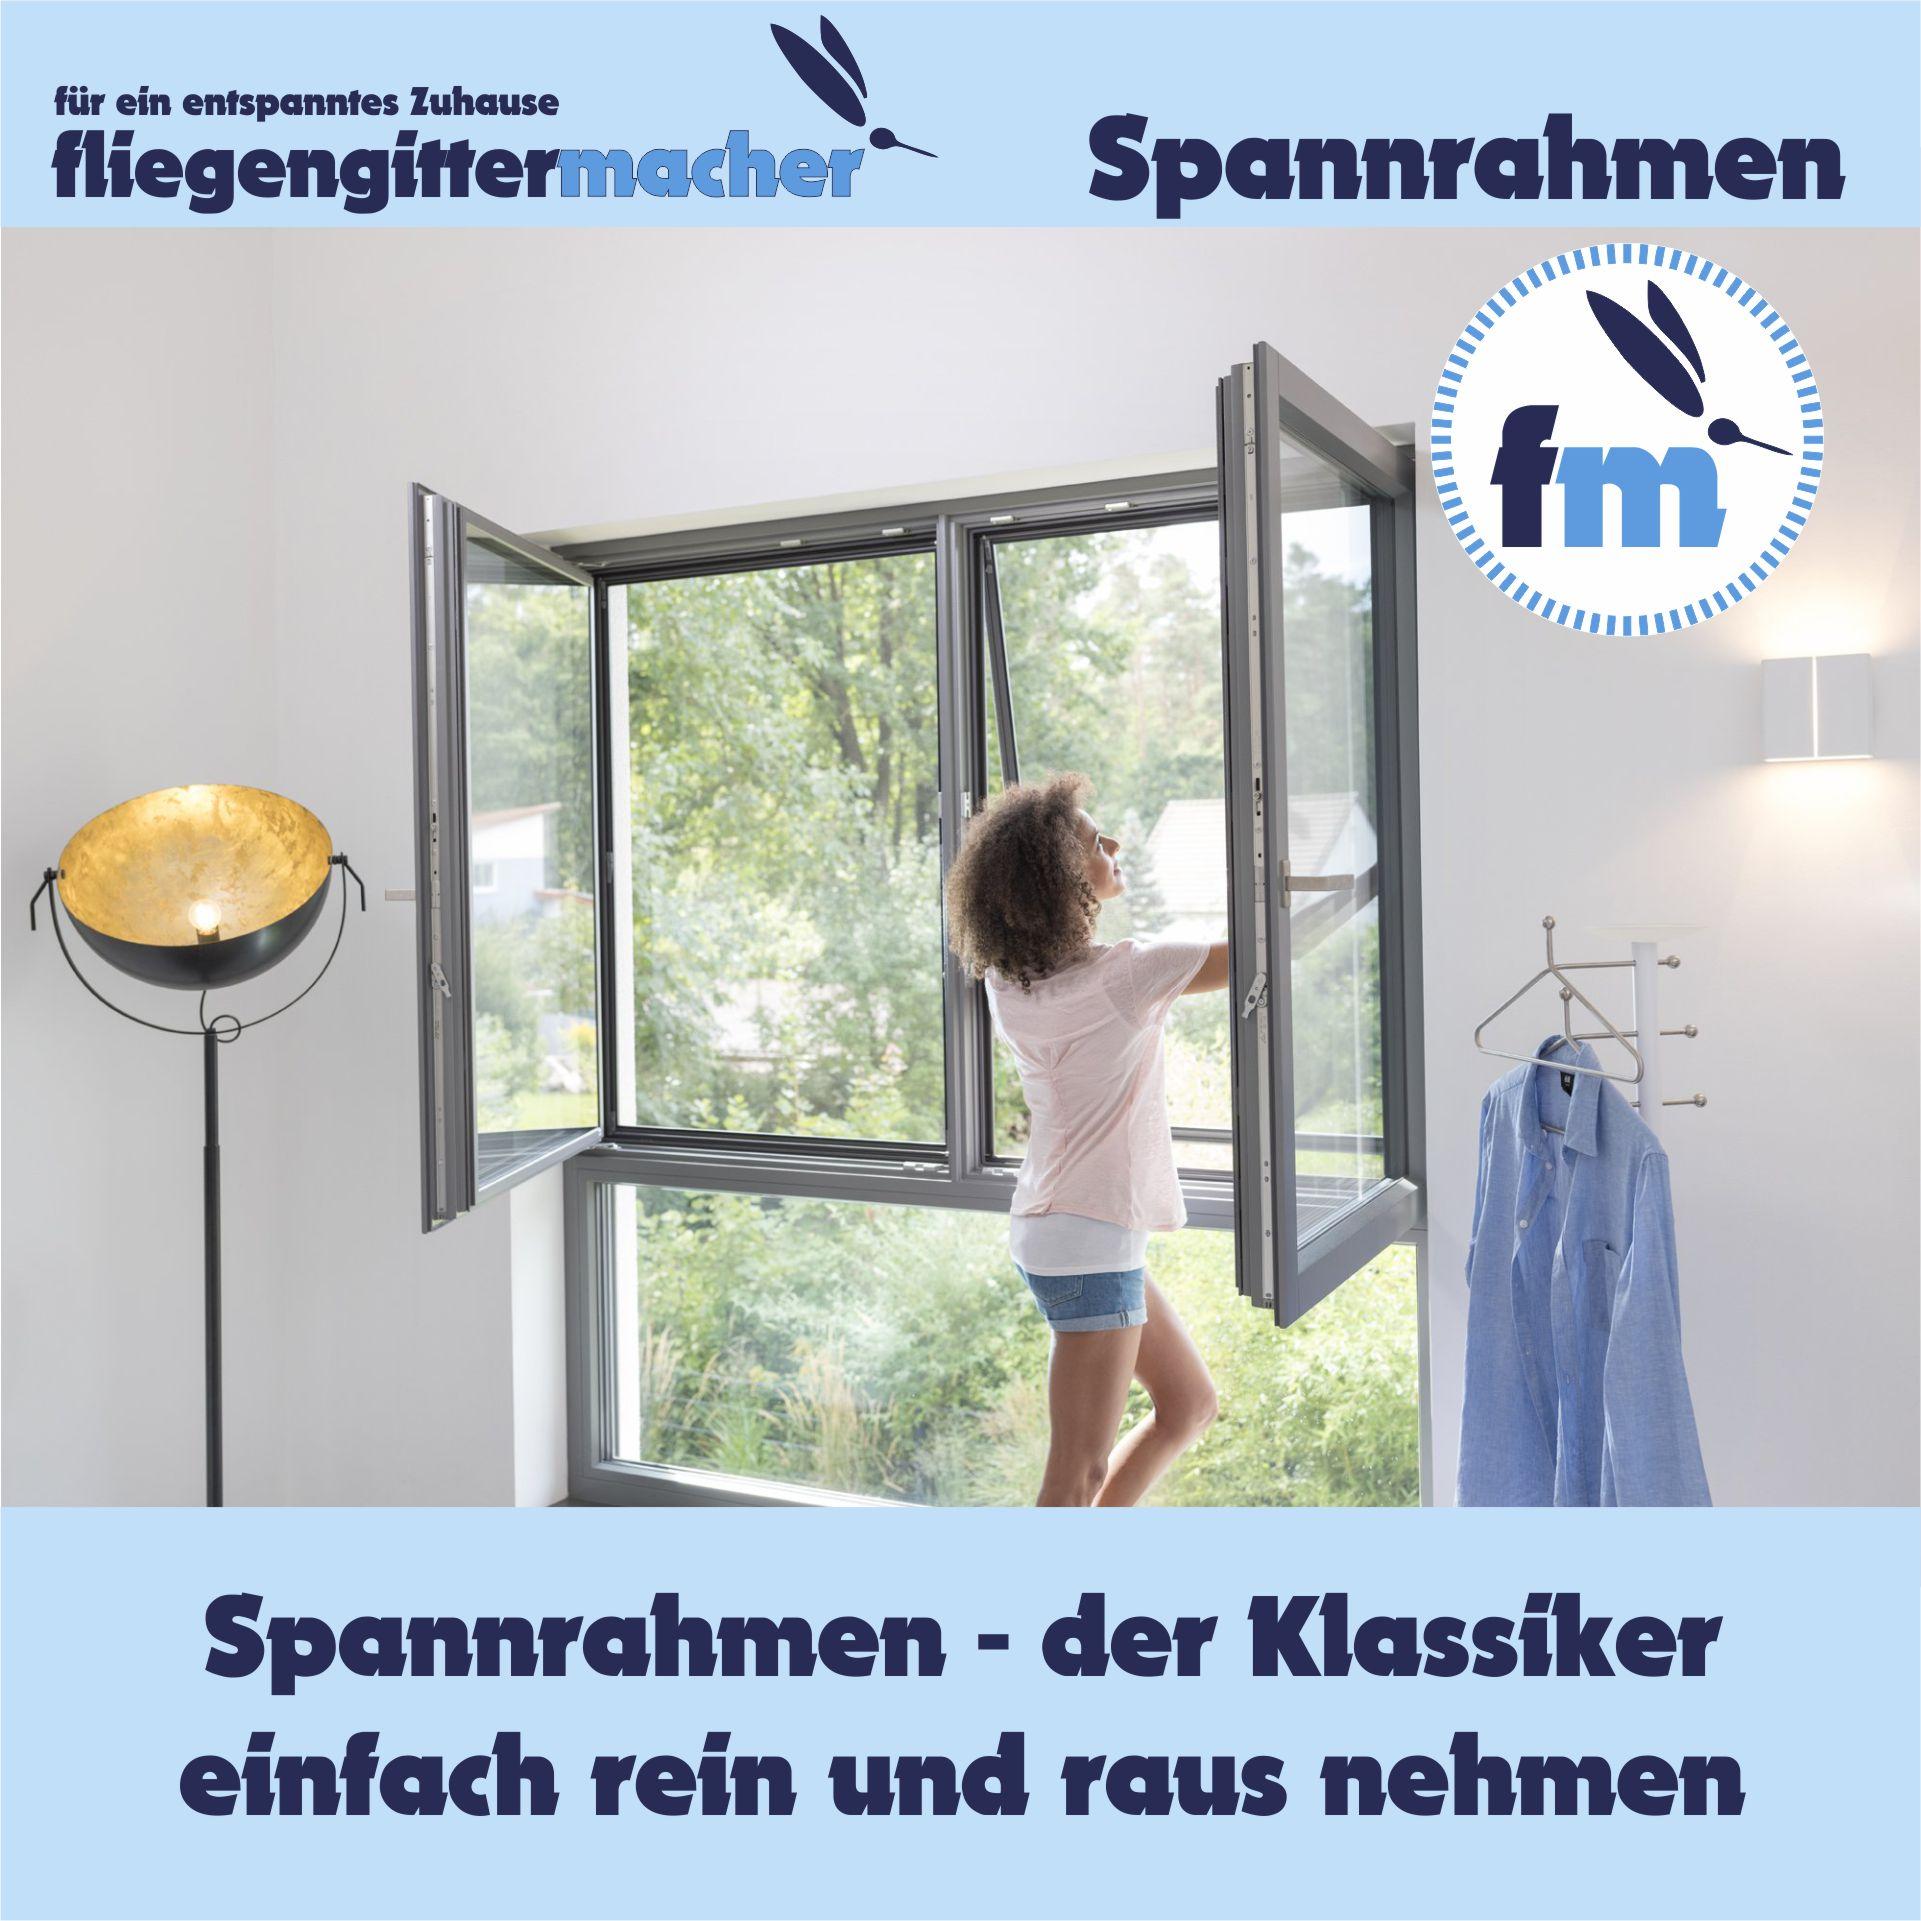 Insektenschutz Spannrahmen   www.fliegengittermacher.de   Fliegengitter nach Maß